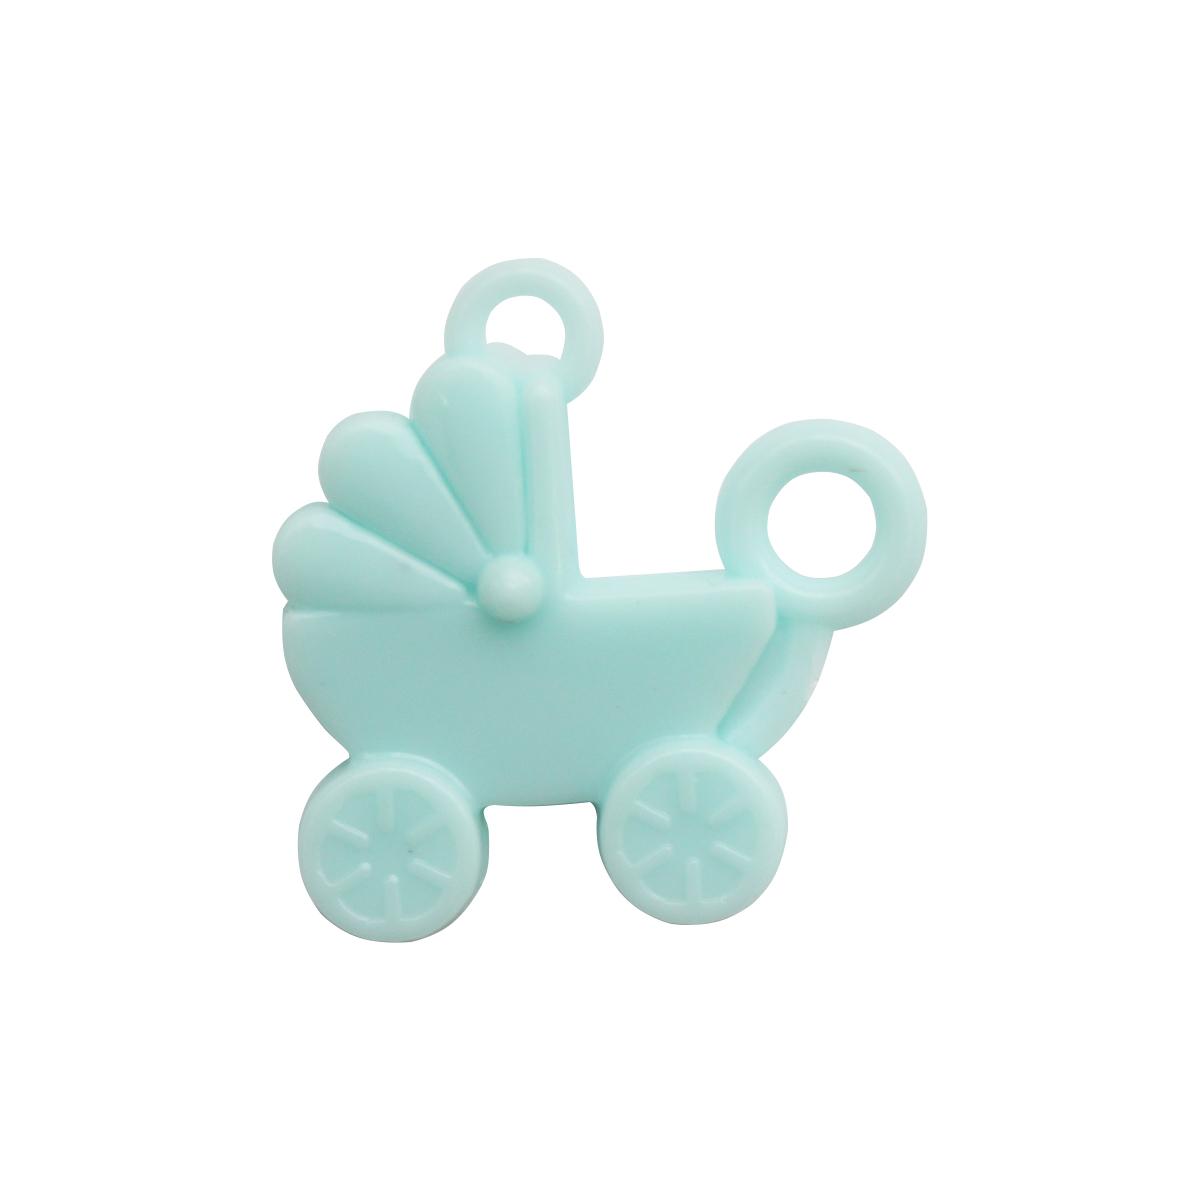 Декоративный элемент Lan Jing Ling Коляска, цвет: голубой, 6 шт. 580794_ голубой54 009312Миниатюрные декоративные элементы, выполненные из пластика. Используются при создании авторских фотоальбомов, открыток и так далее. В упаковке 6 шт.